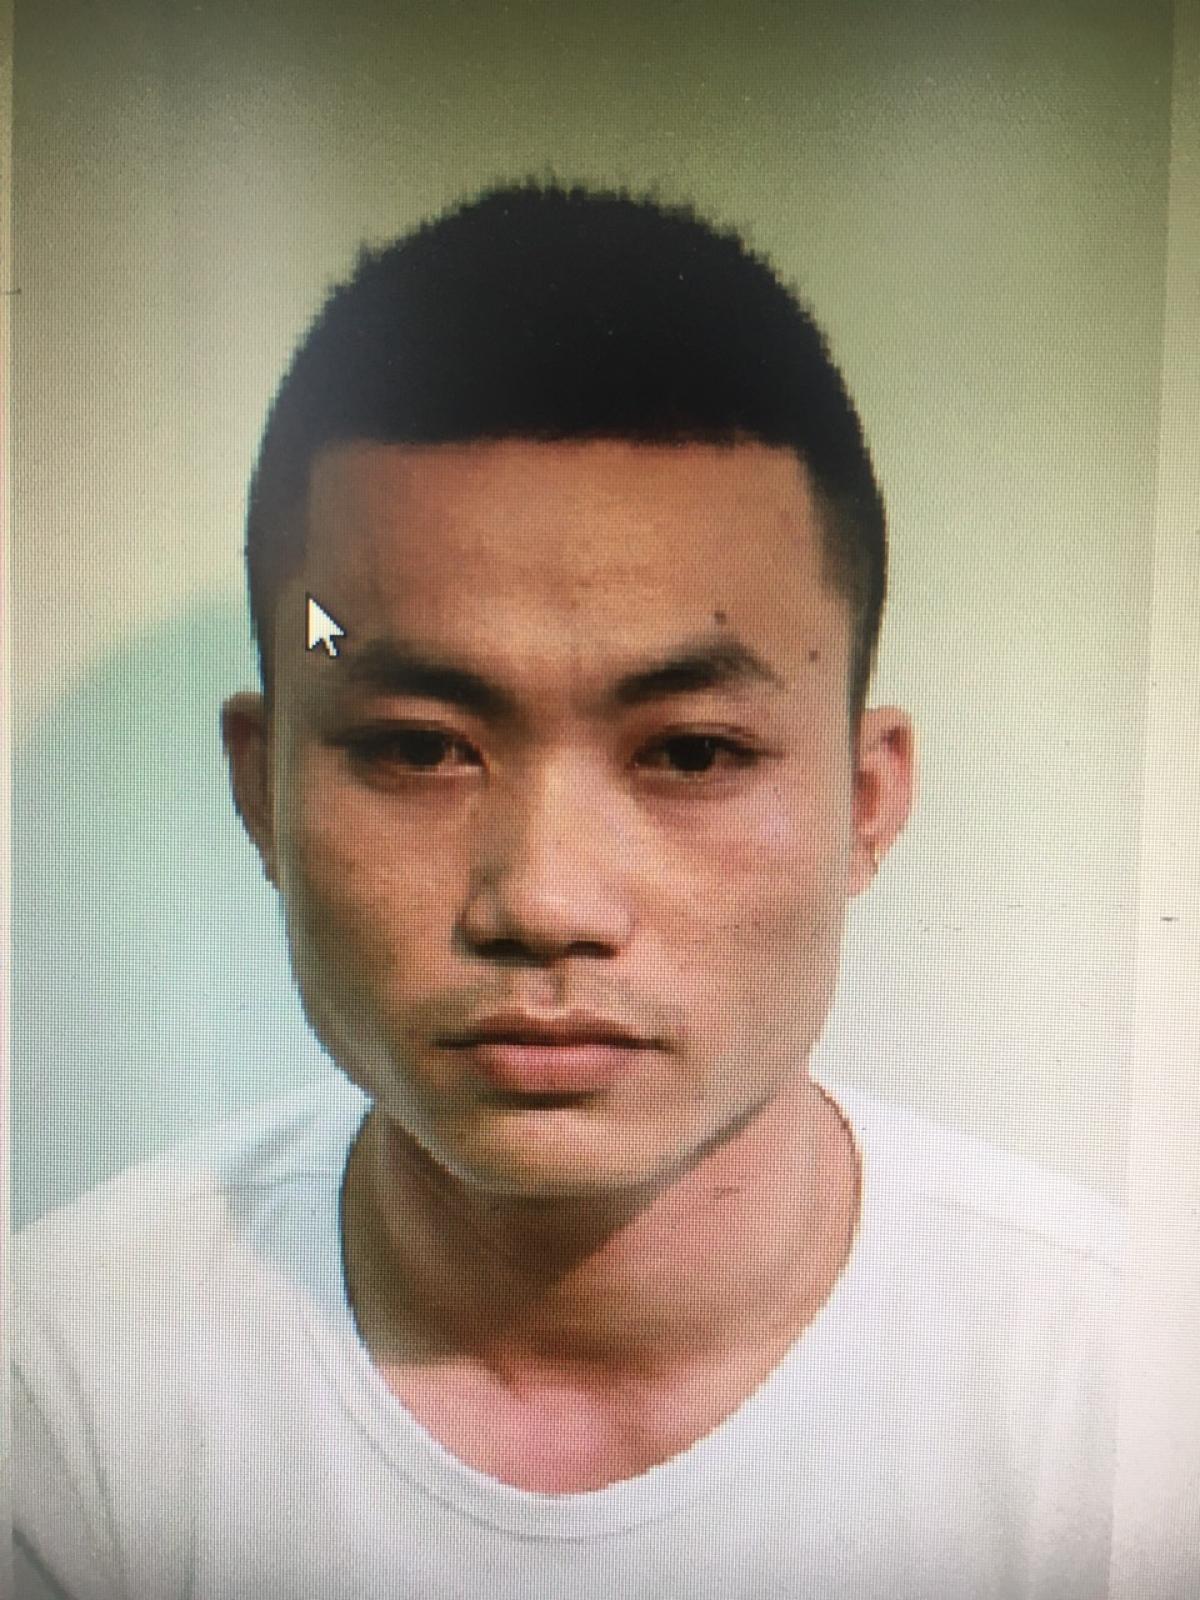 Đối tượng Lưu Toàn Thắngbị truy nã về tội mua bán trái phép chất ma túy.